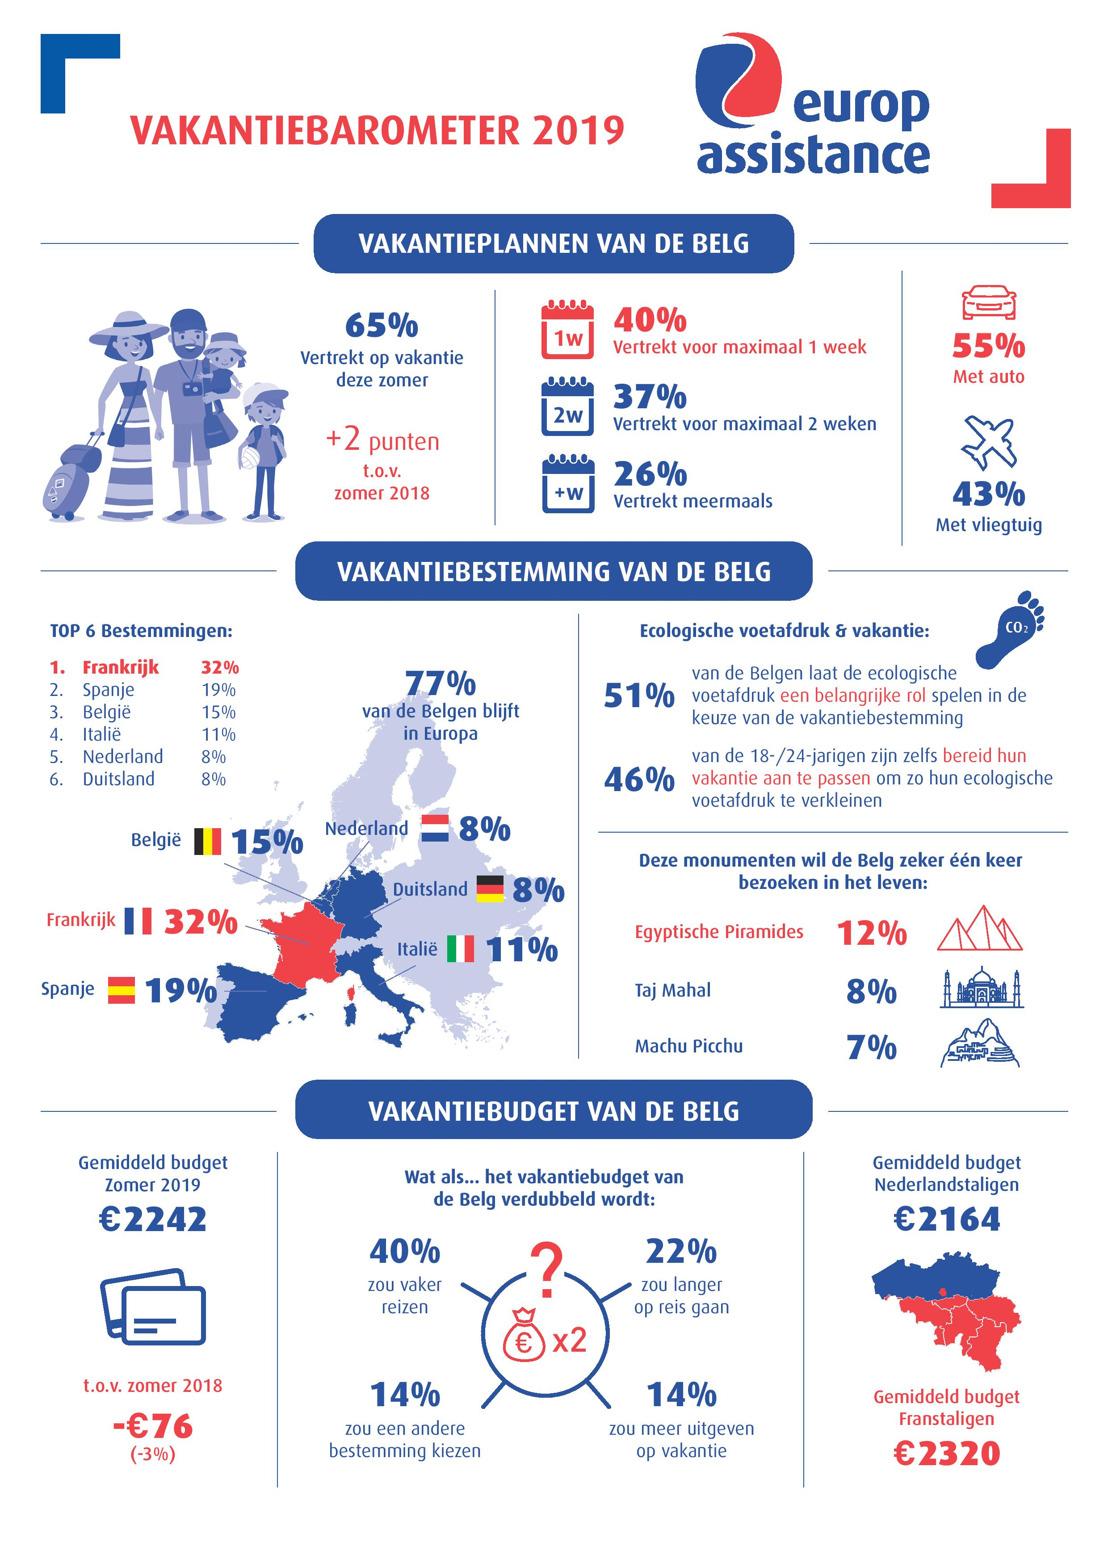 19de Vakantiebarometer van Europ Assistance